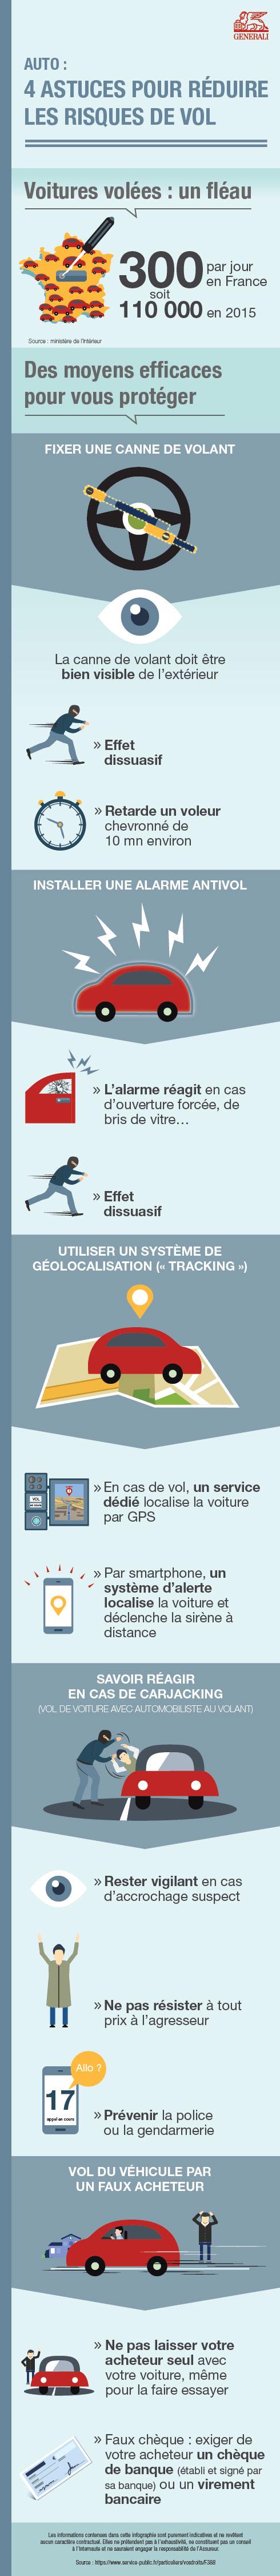 infographie prévention vol auto